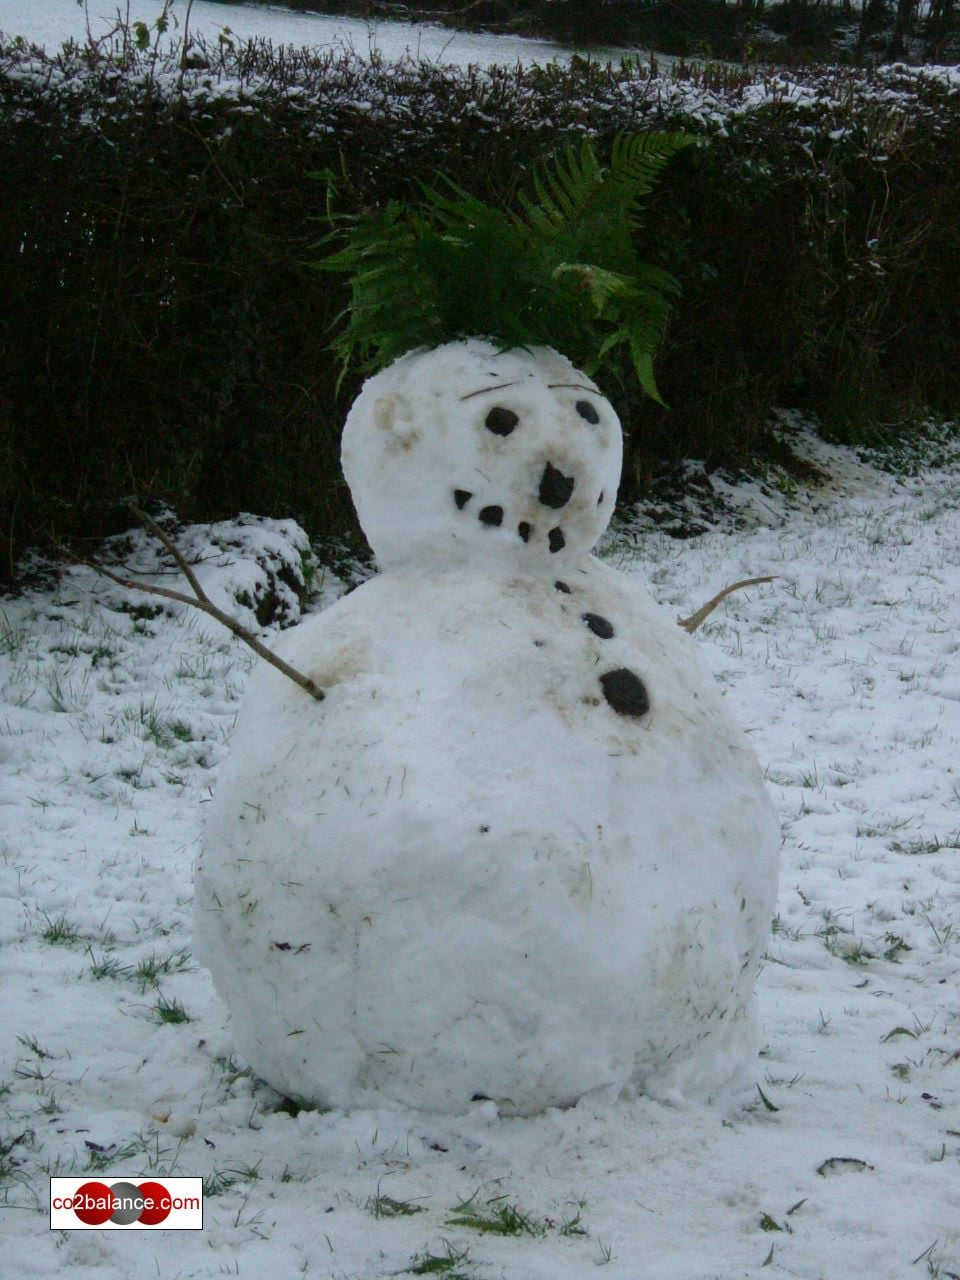 snowman near river